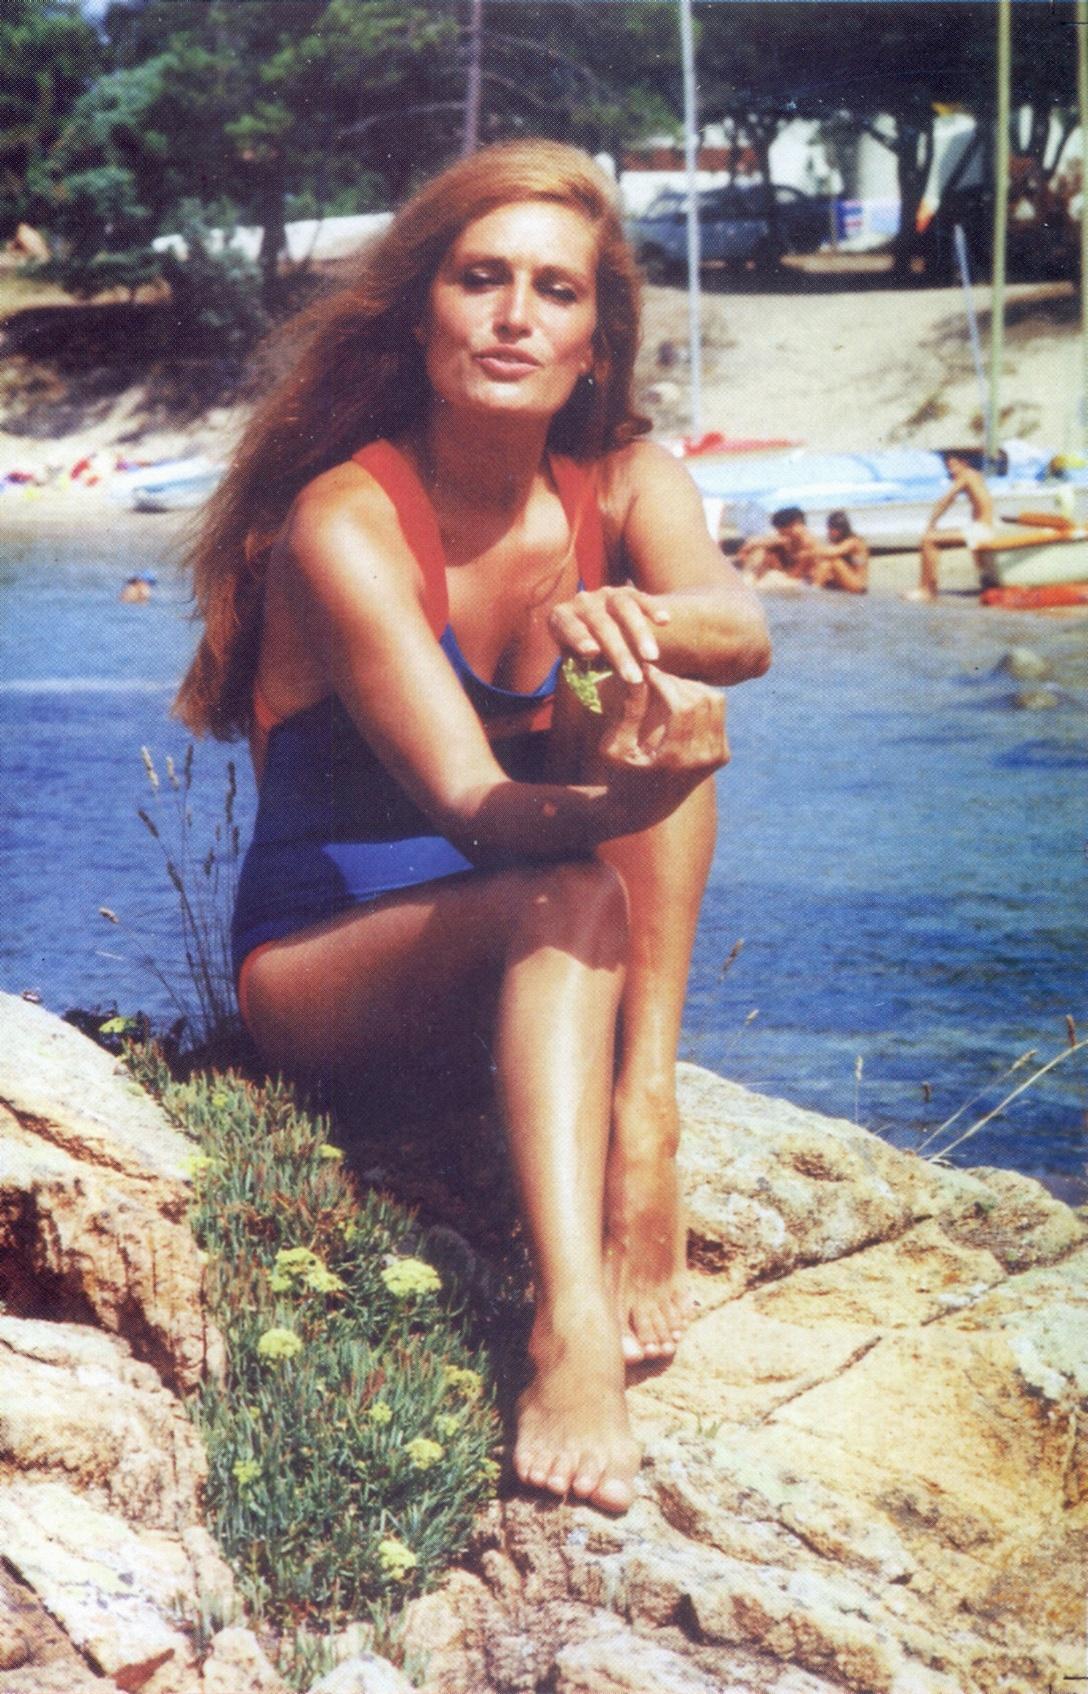 Anne Archer Feet  Hot Girl Hd Wallpaper-9368